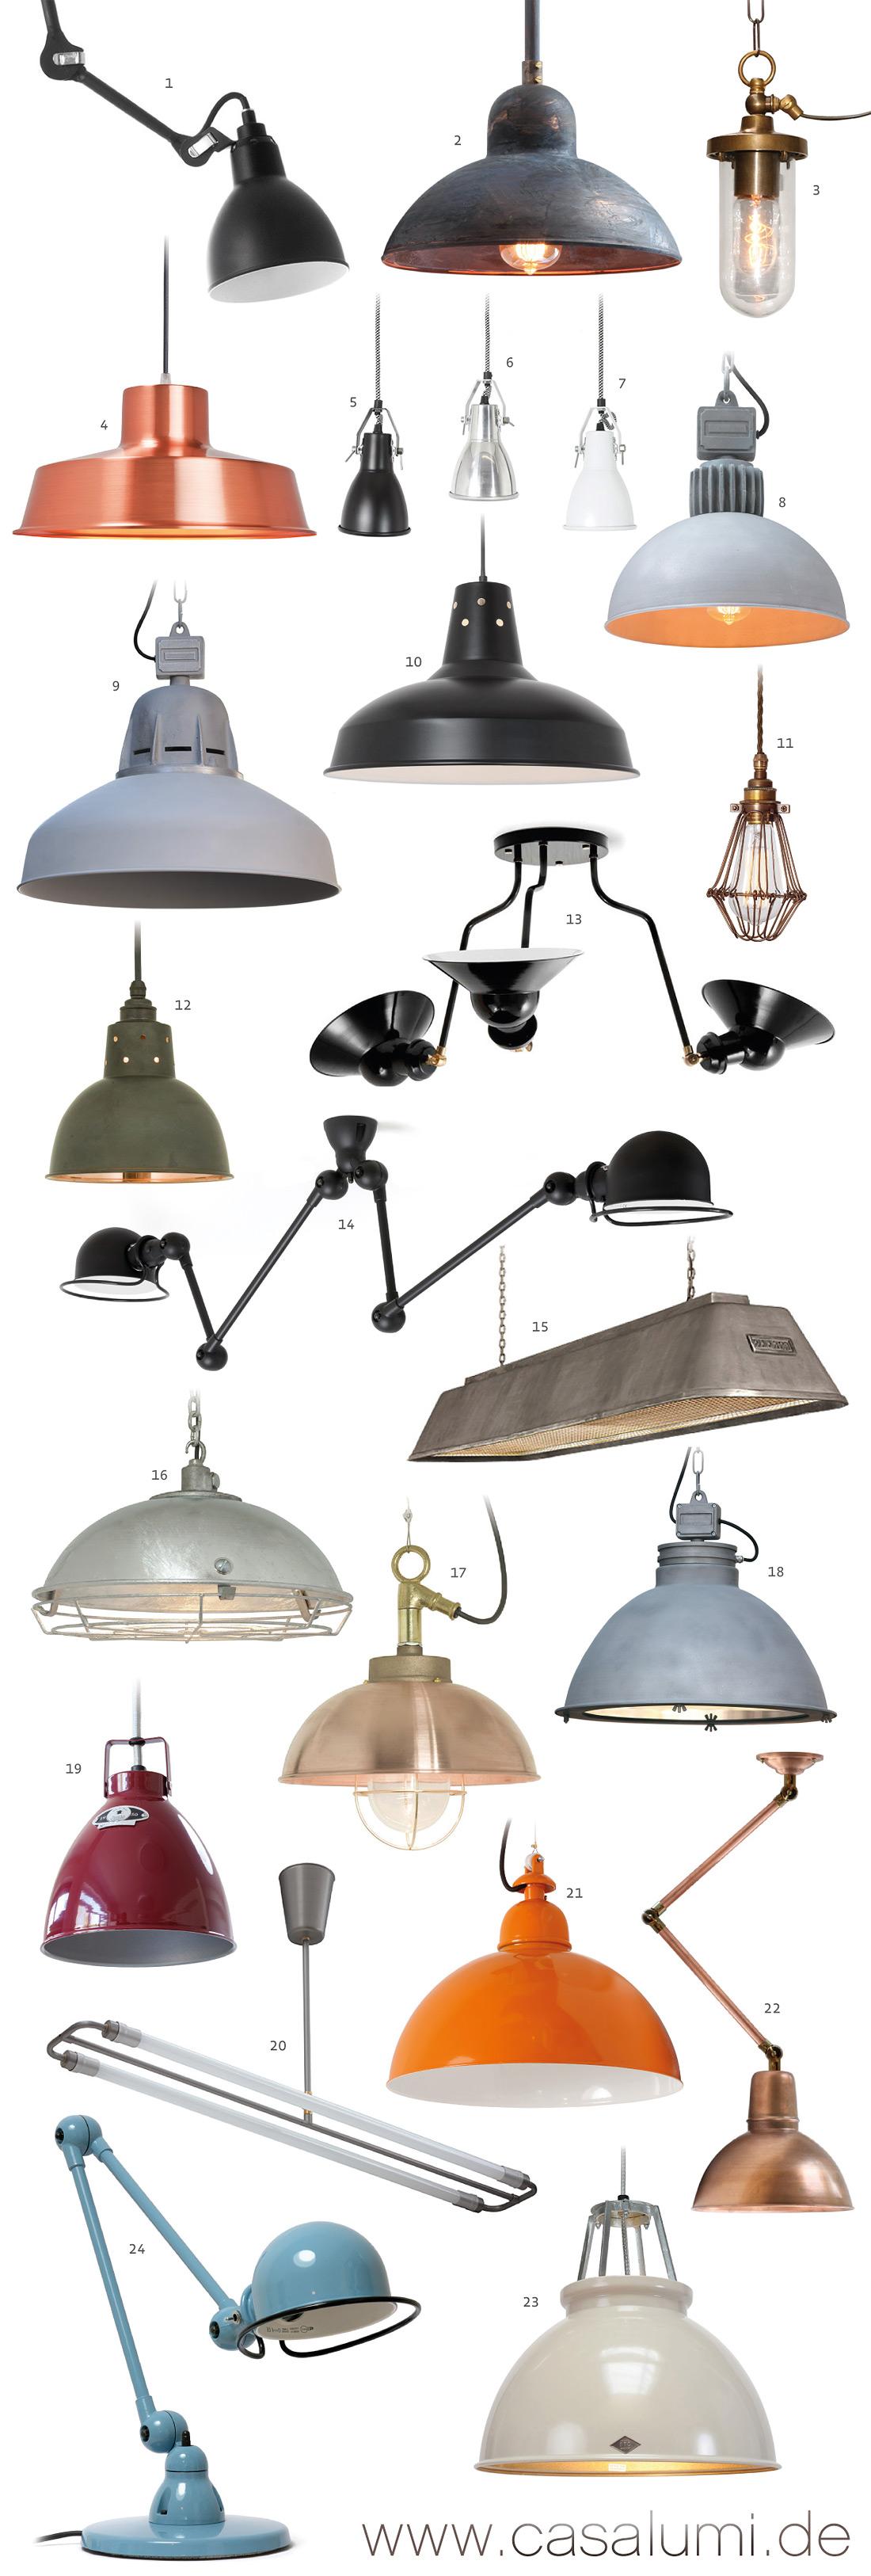 24 industrielampen 23 h ngen eine auf dem gabentisch lumi leuchten. Black Bedroom Furniture Sets. Home Design Ideas